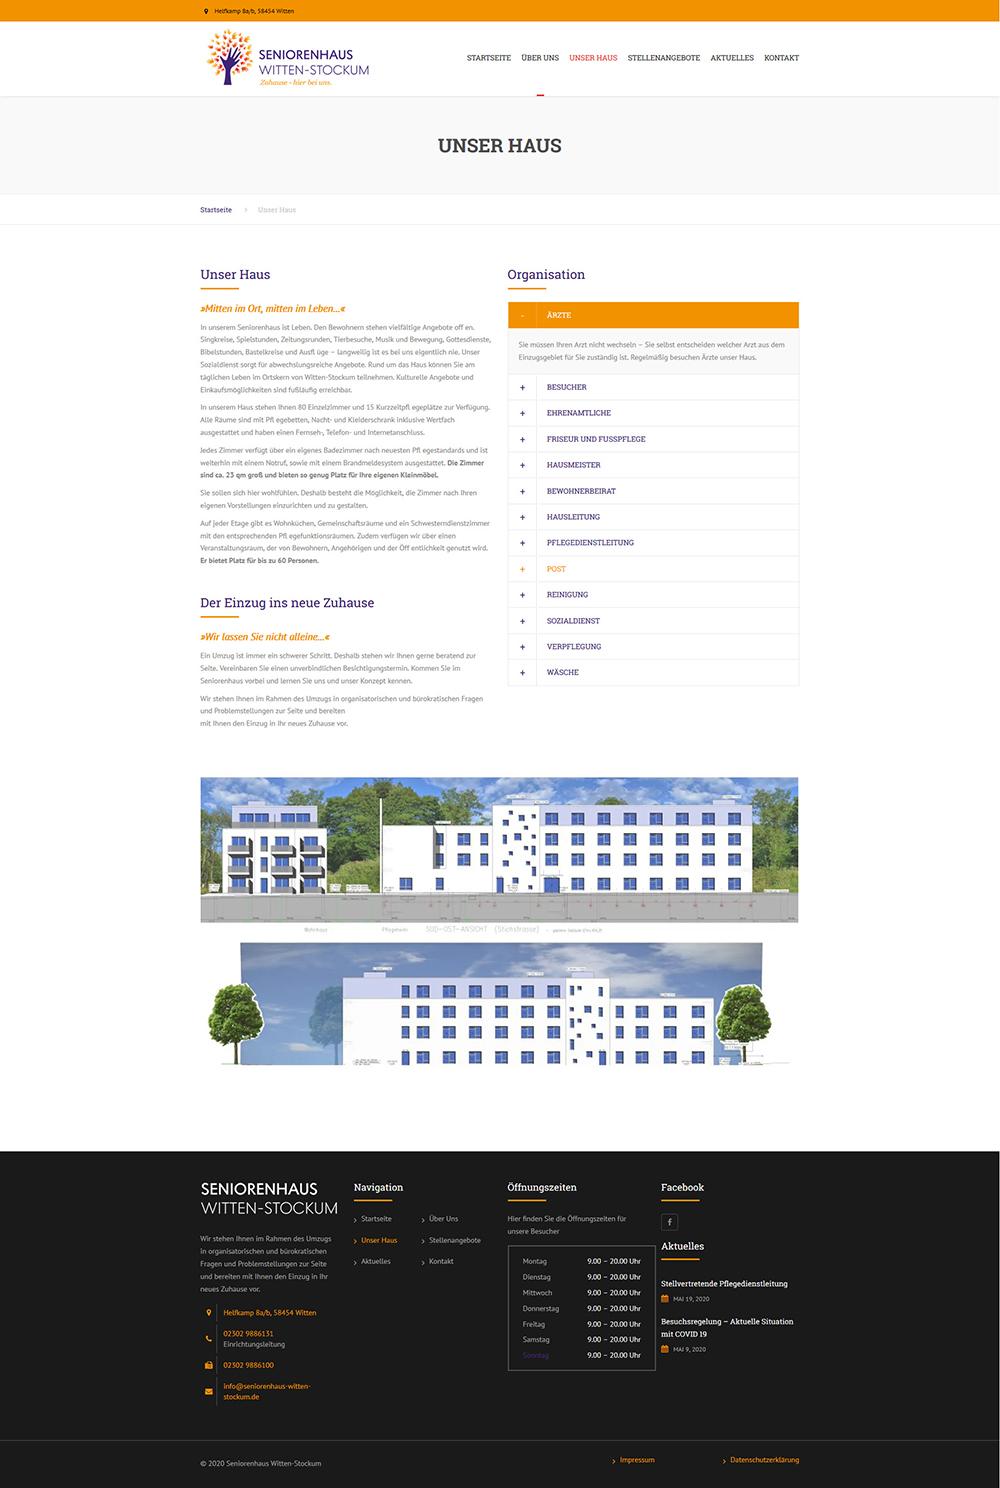 Seniorenhaus Witten-Stockum